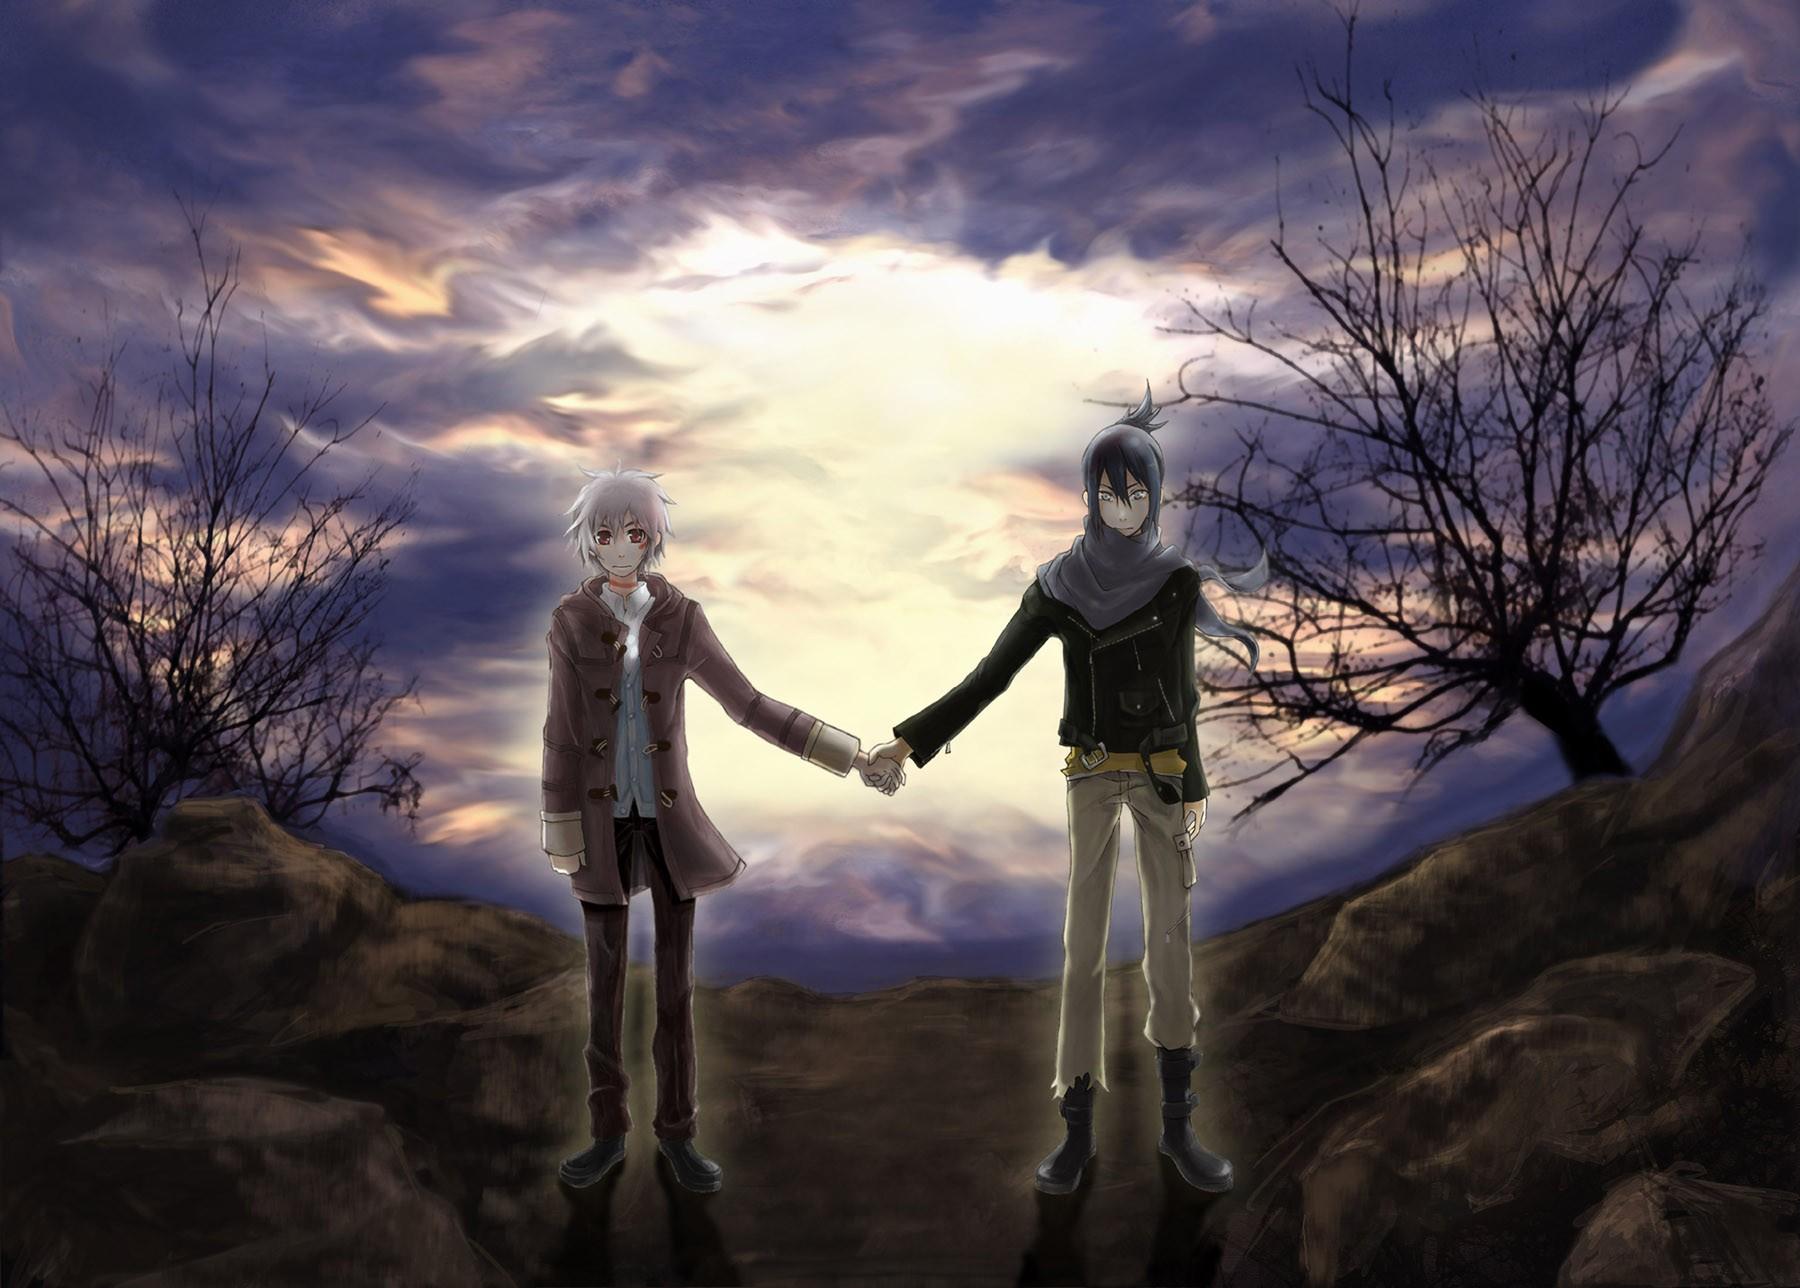 clouds anime anime boys nezumi shounen ai no 6 shion no 6